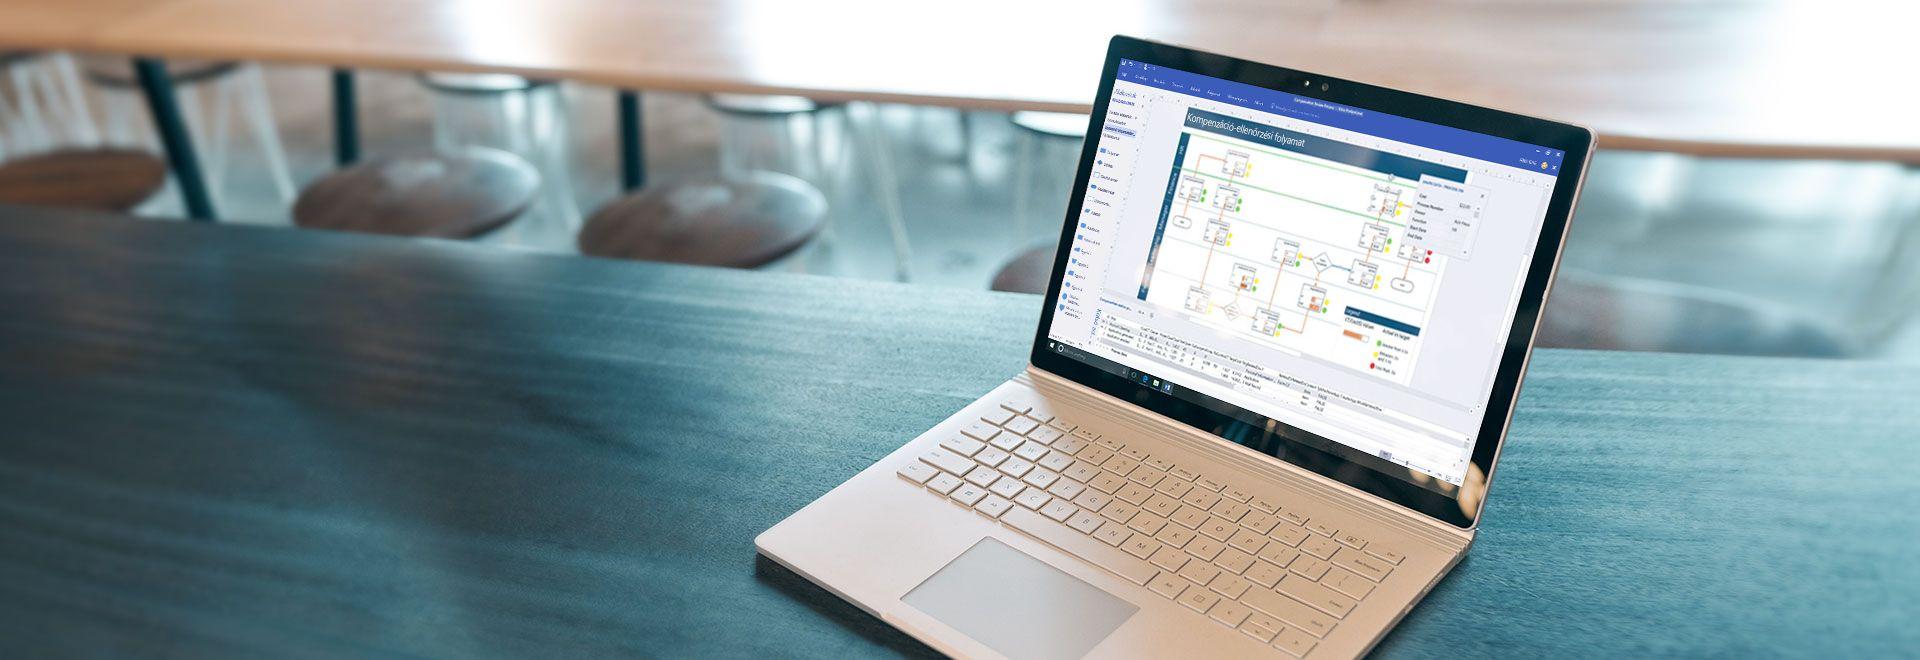 A Visióban létrehozott munkafolyamat-diagram egy laptop képernyőjén